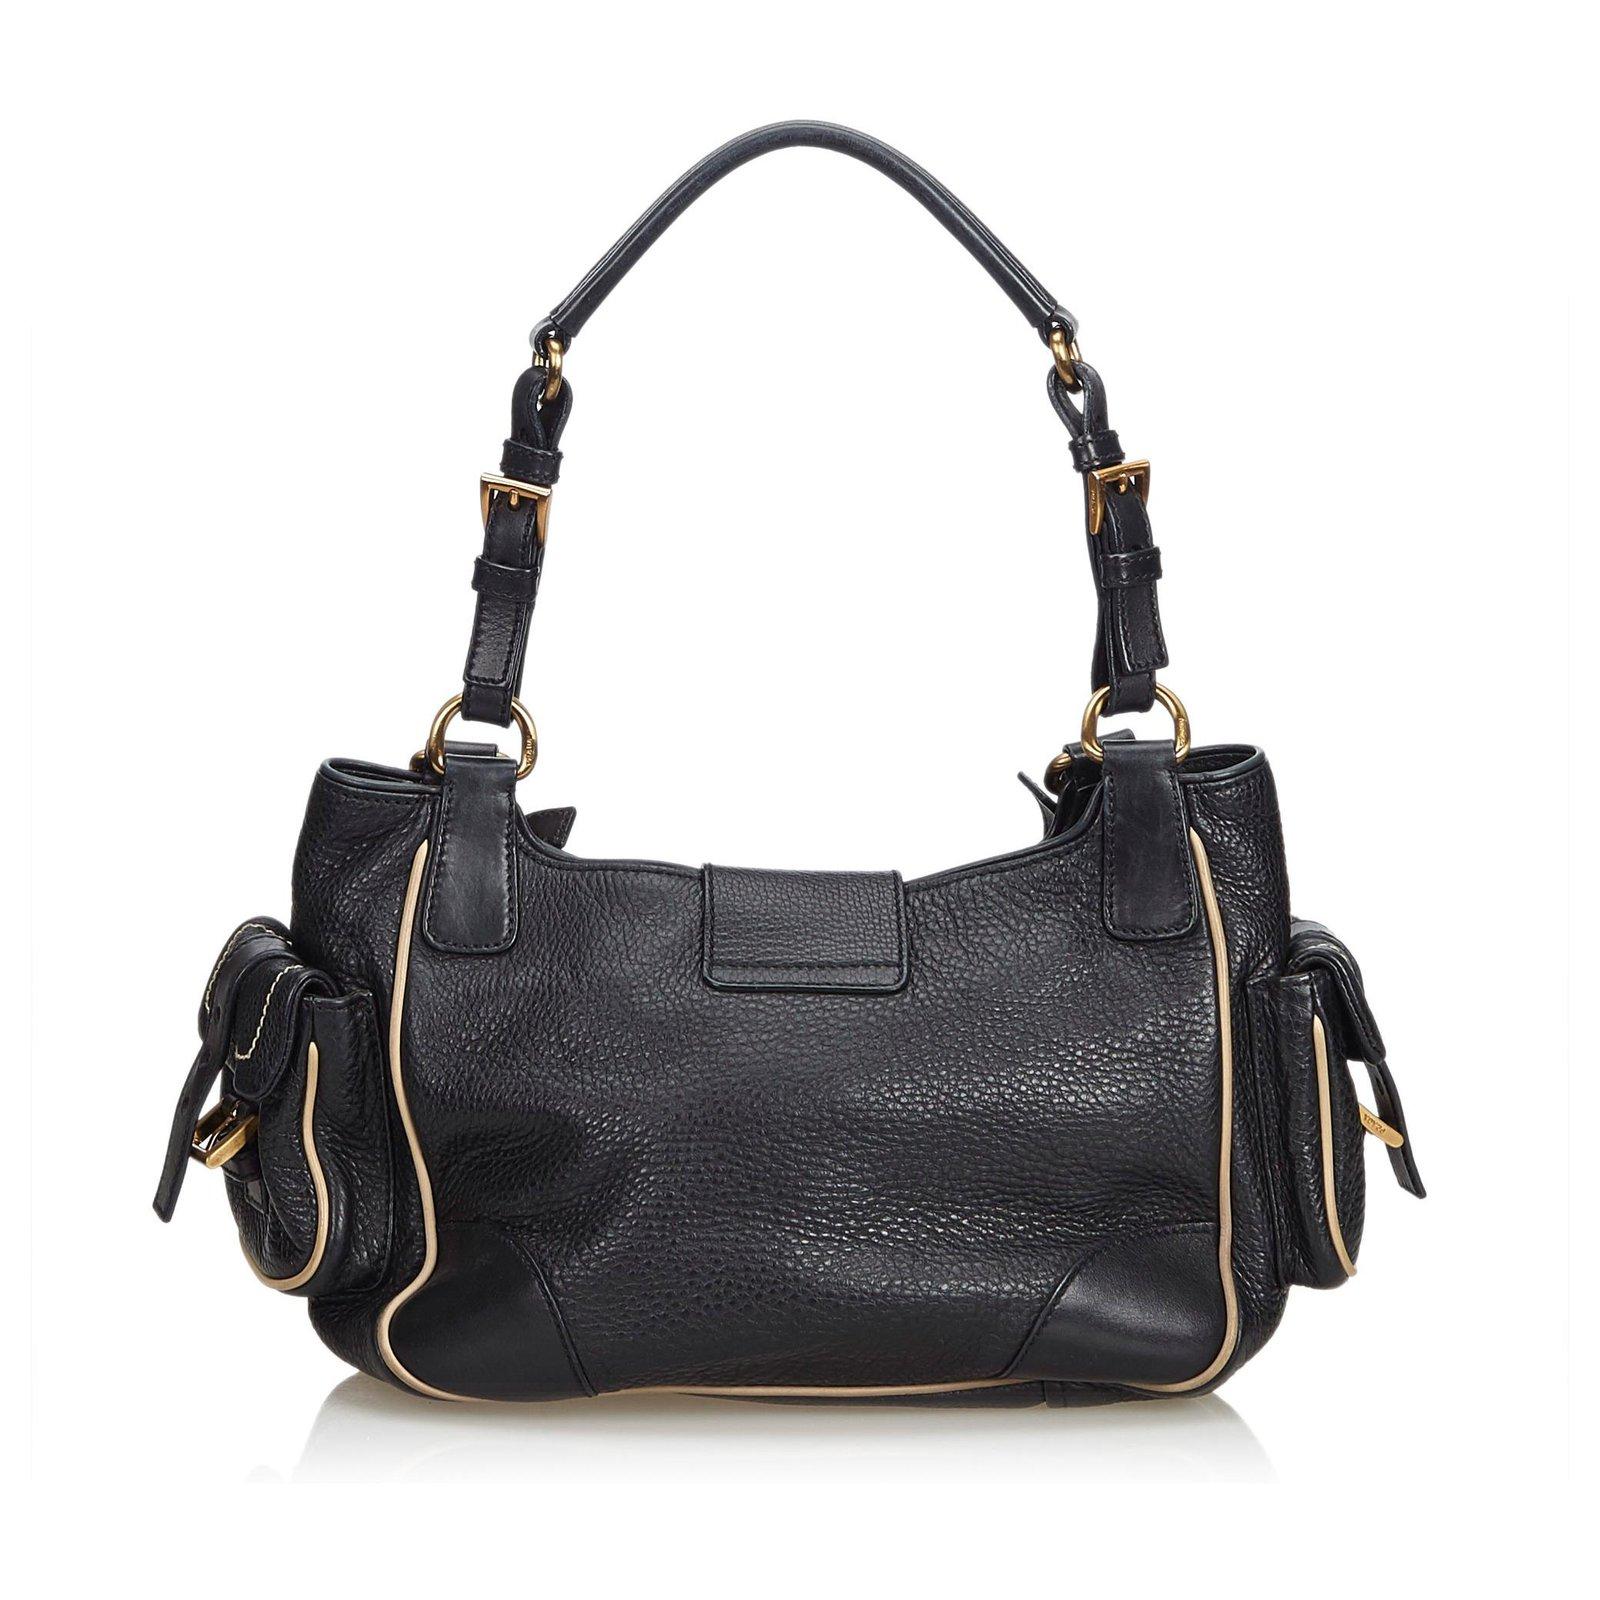 2bf2fe7bad9e71 Prada Leather Shoulder Bag Handbags Leather,Other Black ref.112863 ...